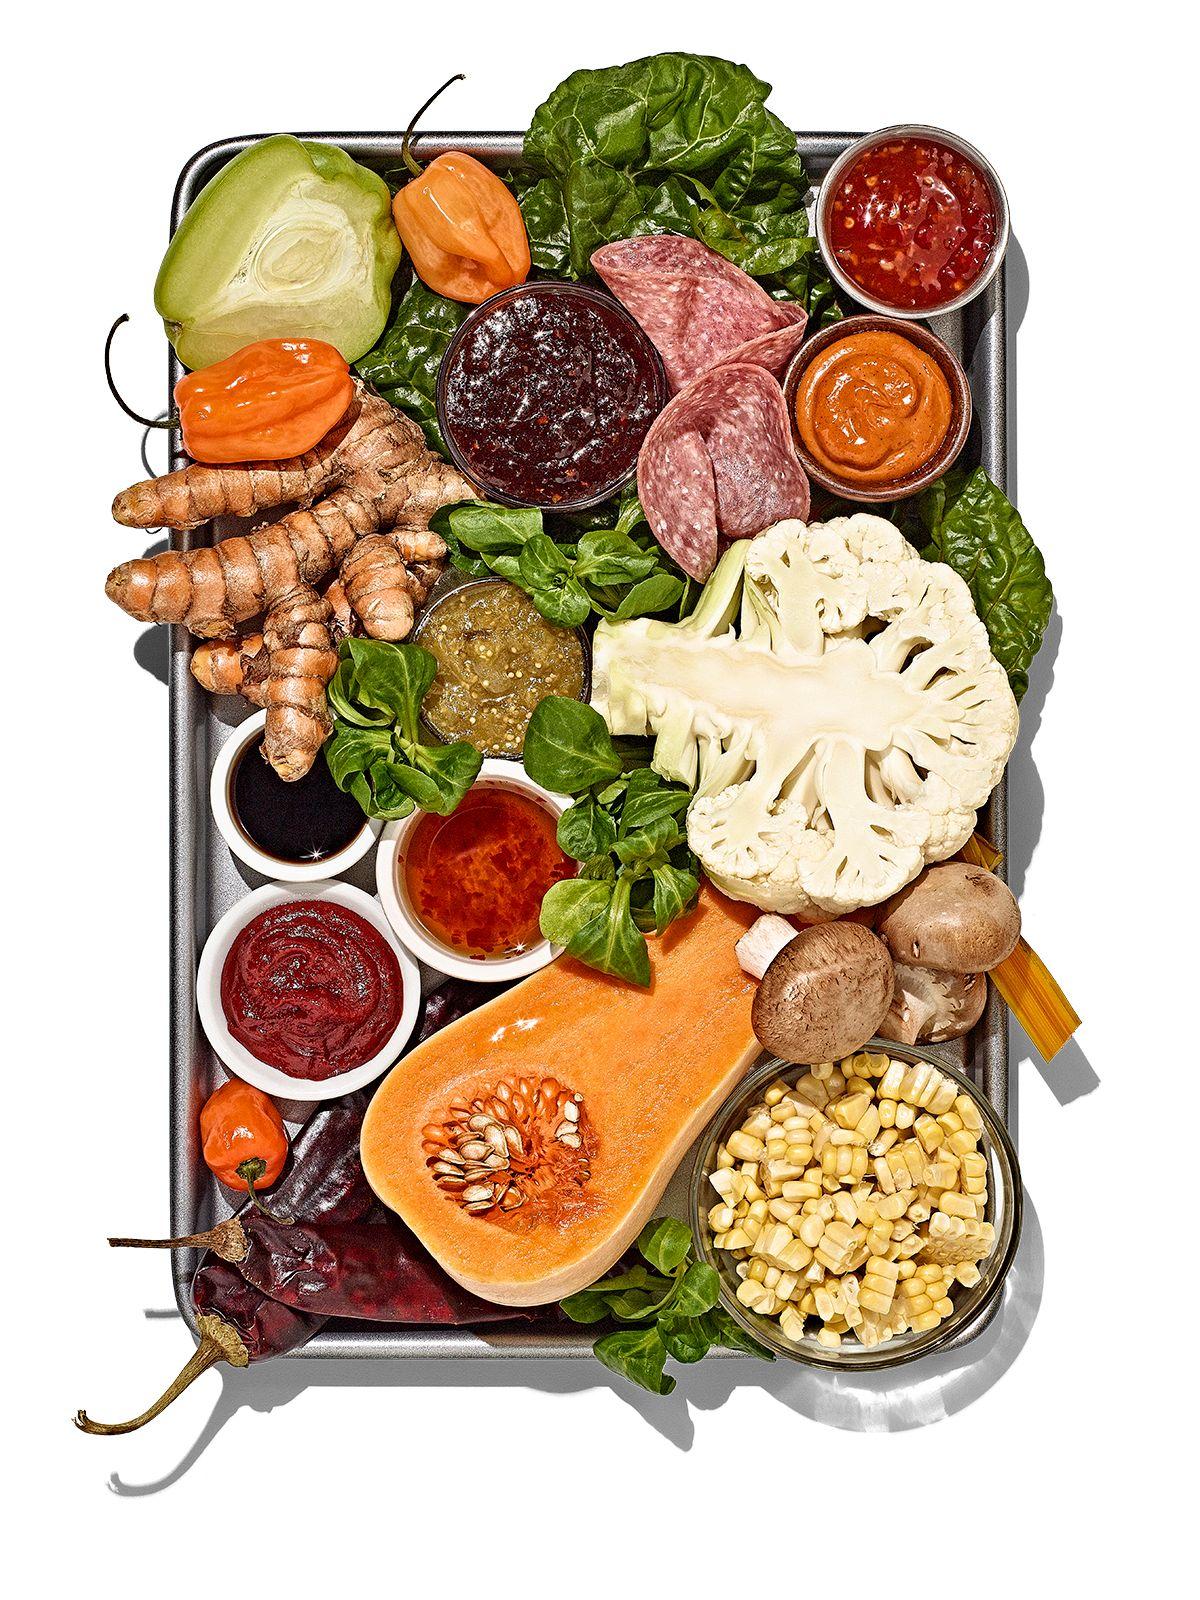 FoodTray_Workbook.jpg